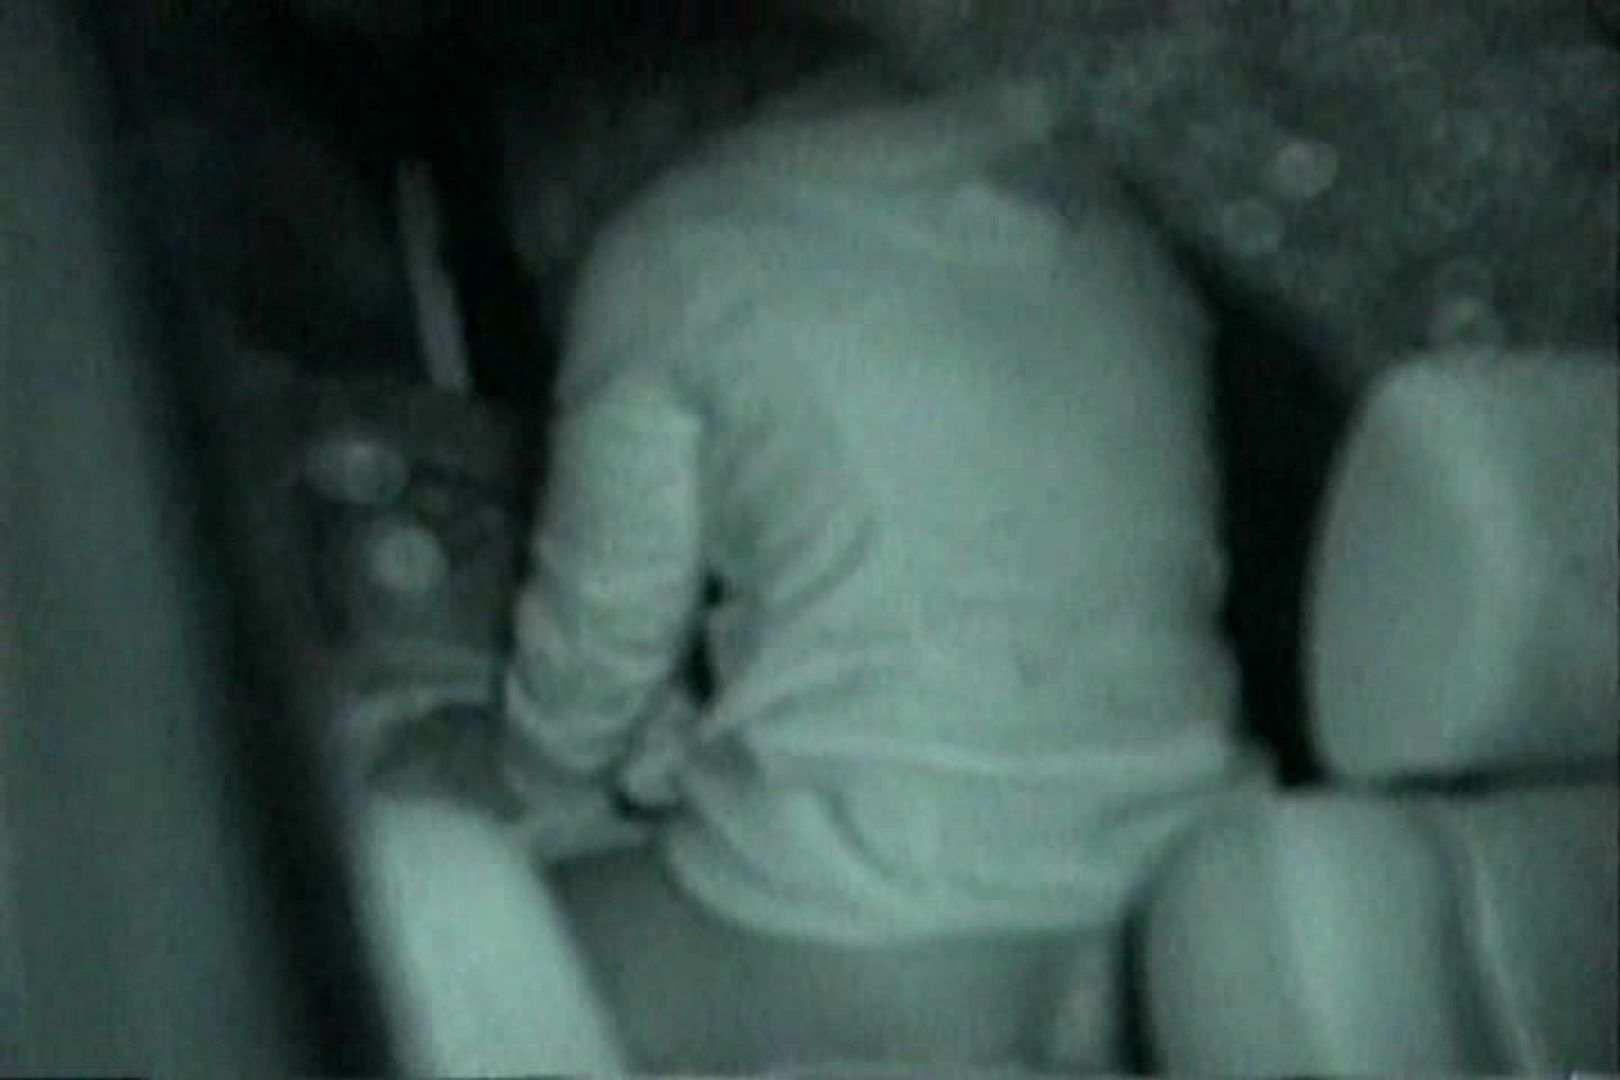 充血監督の深夜の運動会Vol.126 車中はめどり 盗撮動画紹介 107画像 46